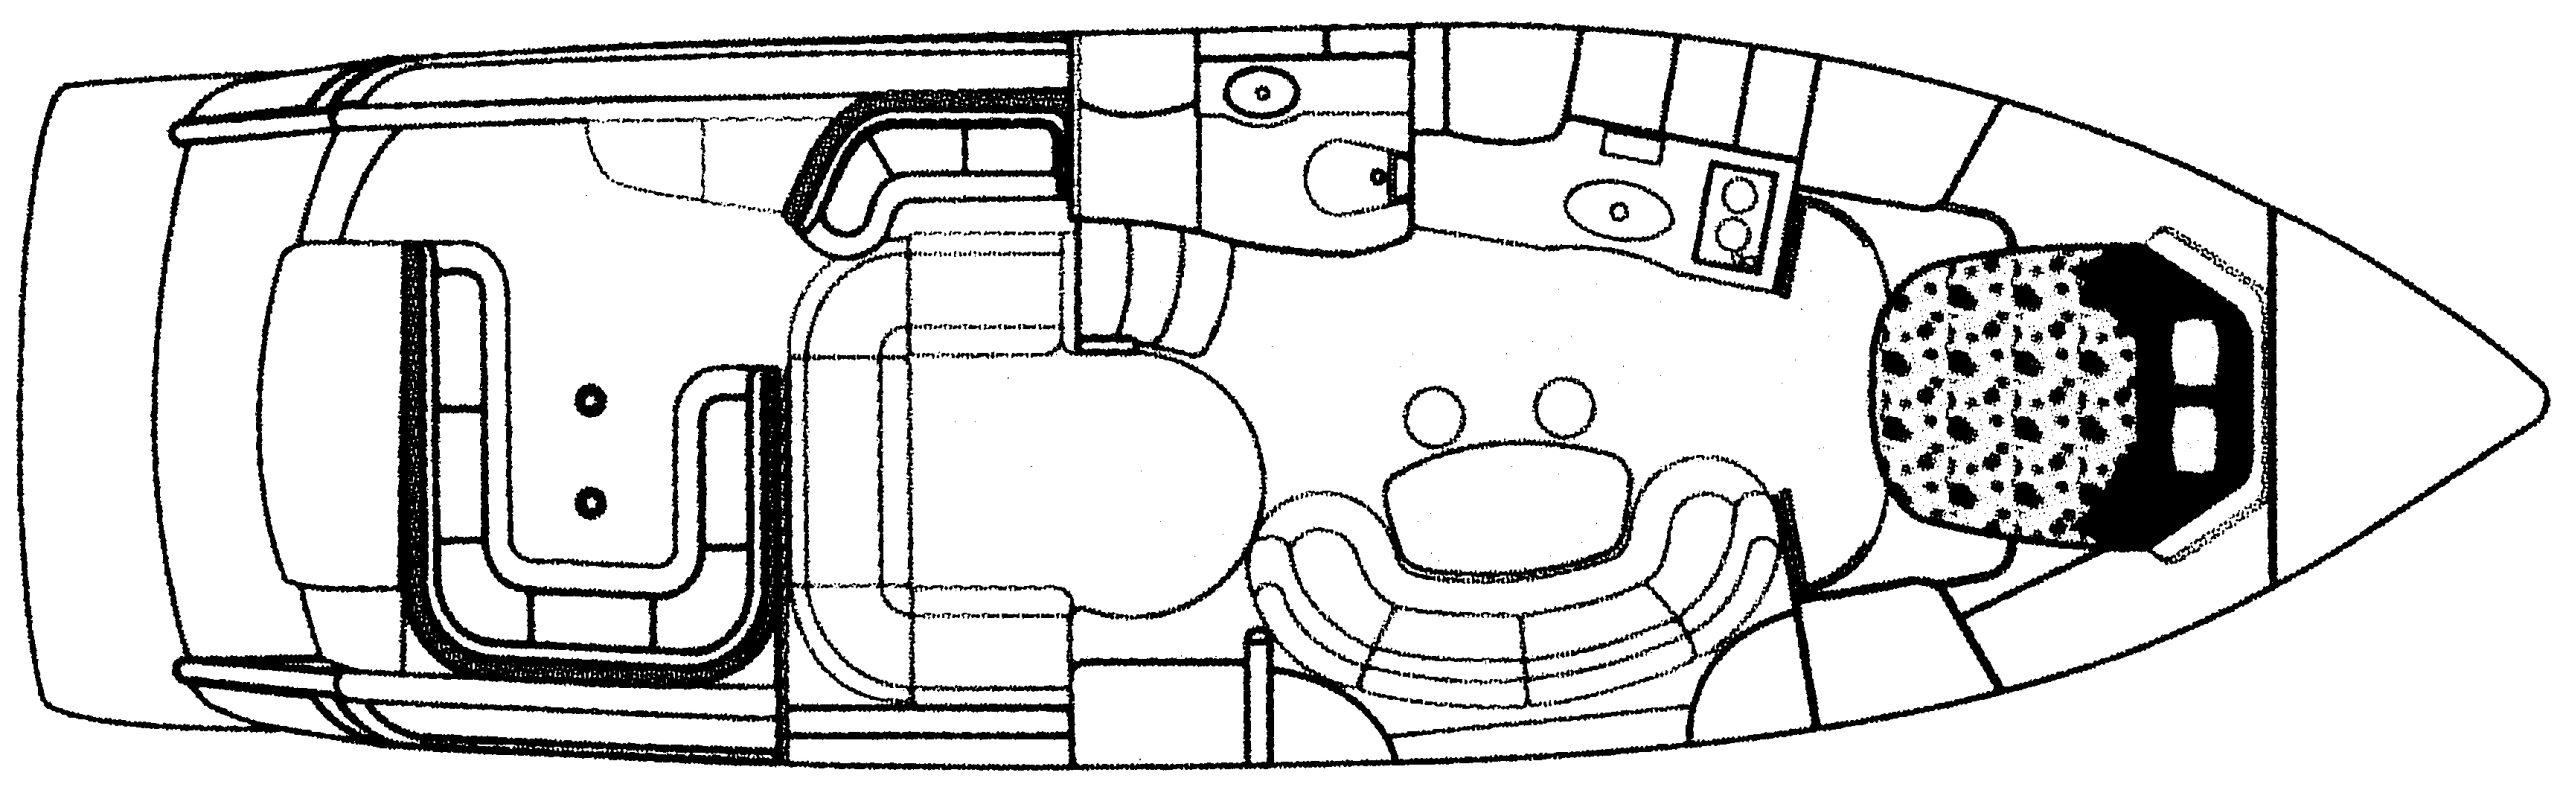 37 PC Floor Plan 1